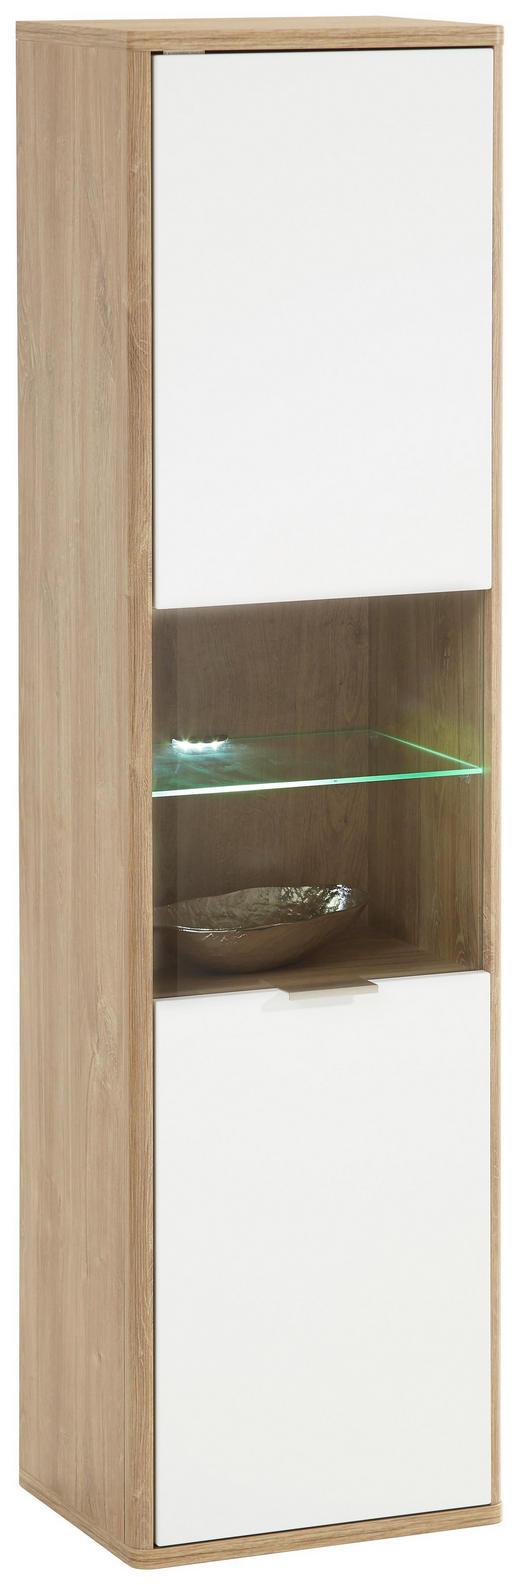 HÄNGEVITRINE Eichefarben, Weiß - Edelstahlfarben/Eichefarben, Design, Glas/Holzwerkstoff (41/151/32cm) - Hom`in